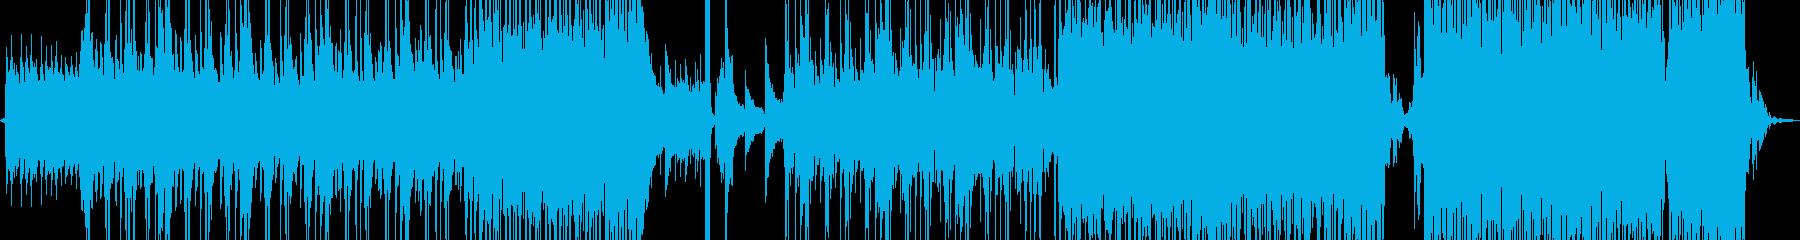 淡々と刻むピアノのR&Bの再生済みの波形